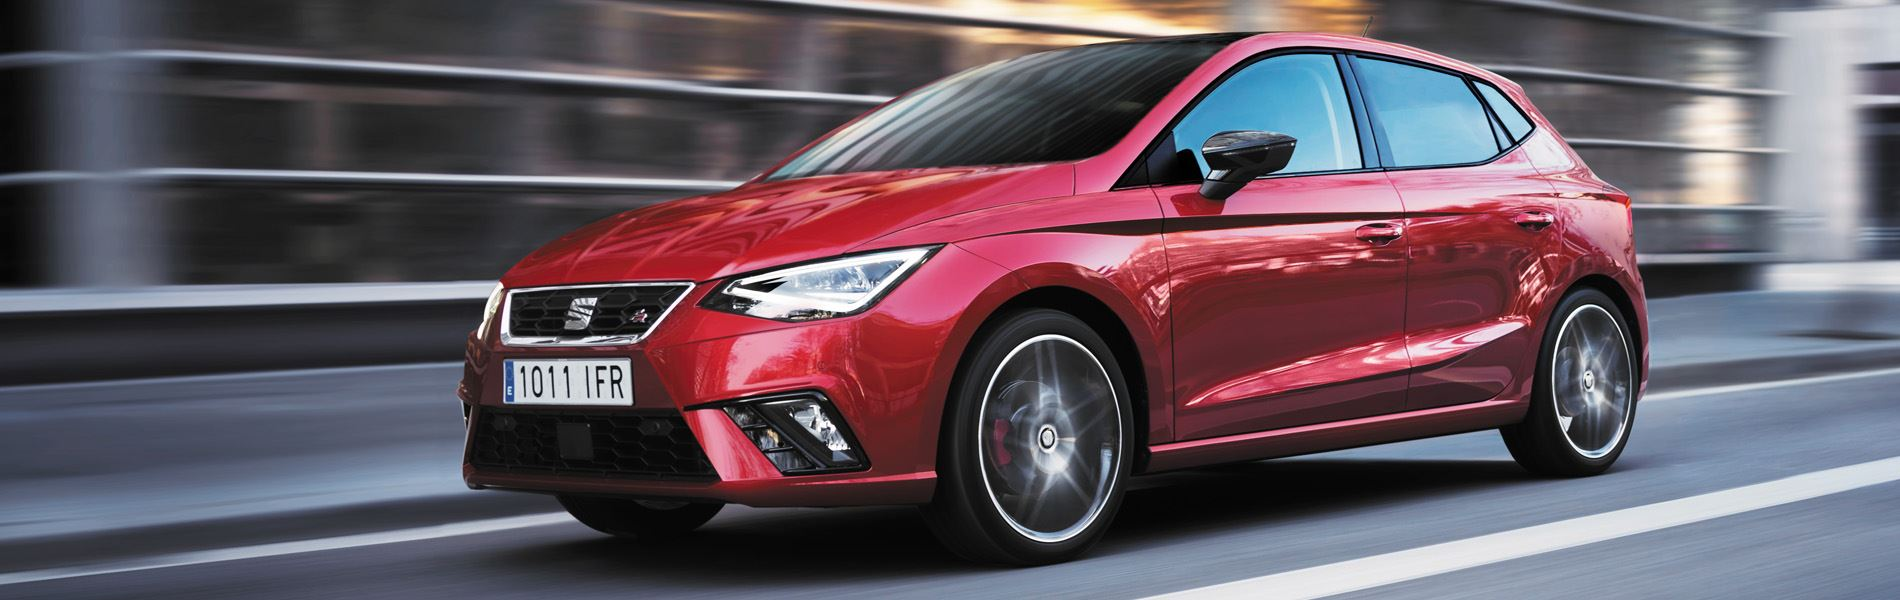 Nieuwe Seat Ibiza Winnaar Anwb Autoweek Multitest Ames